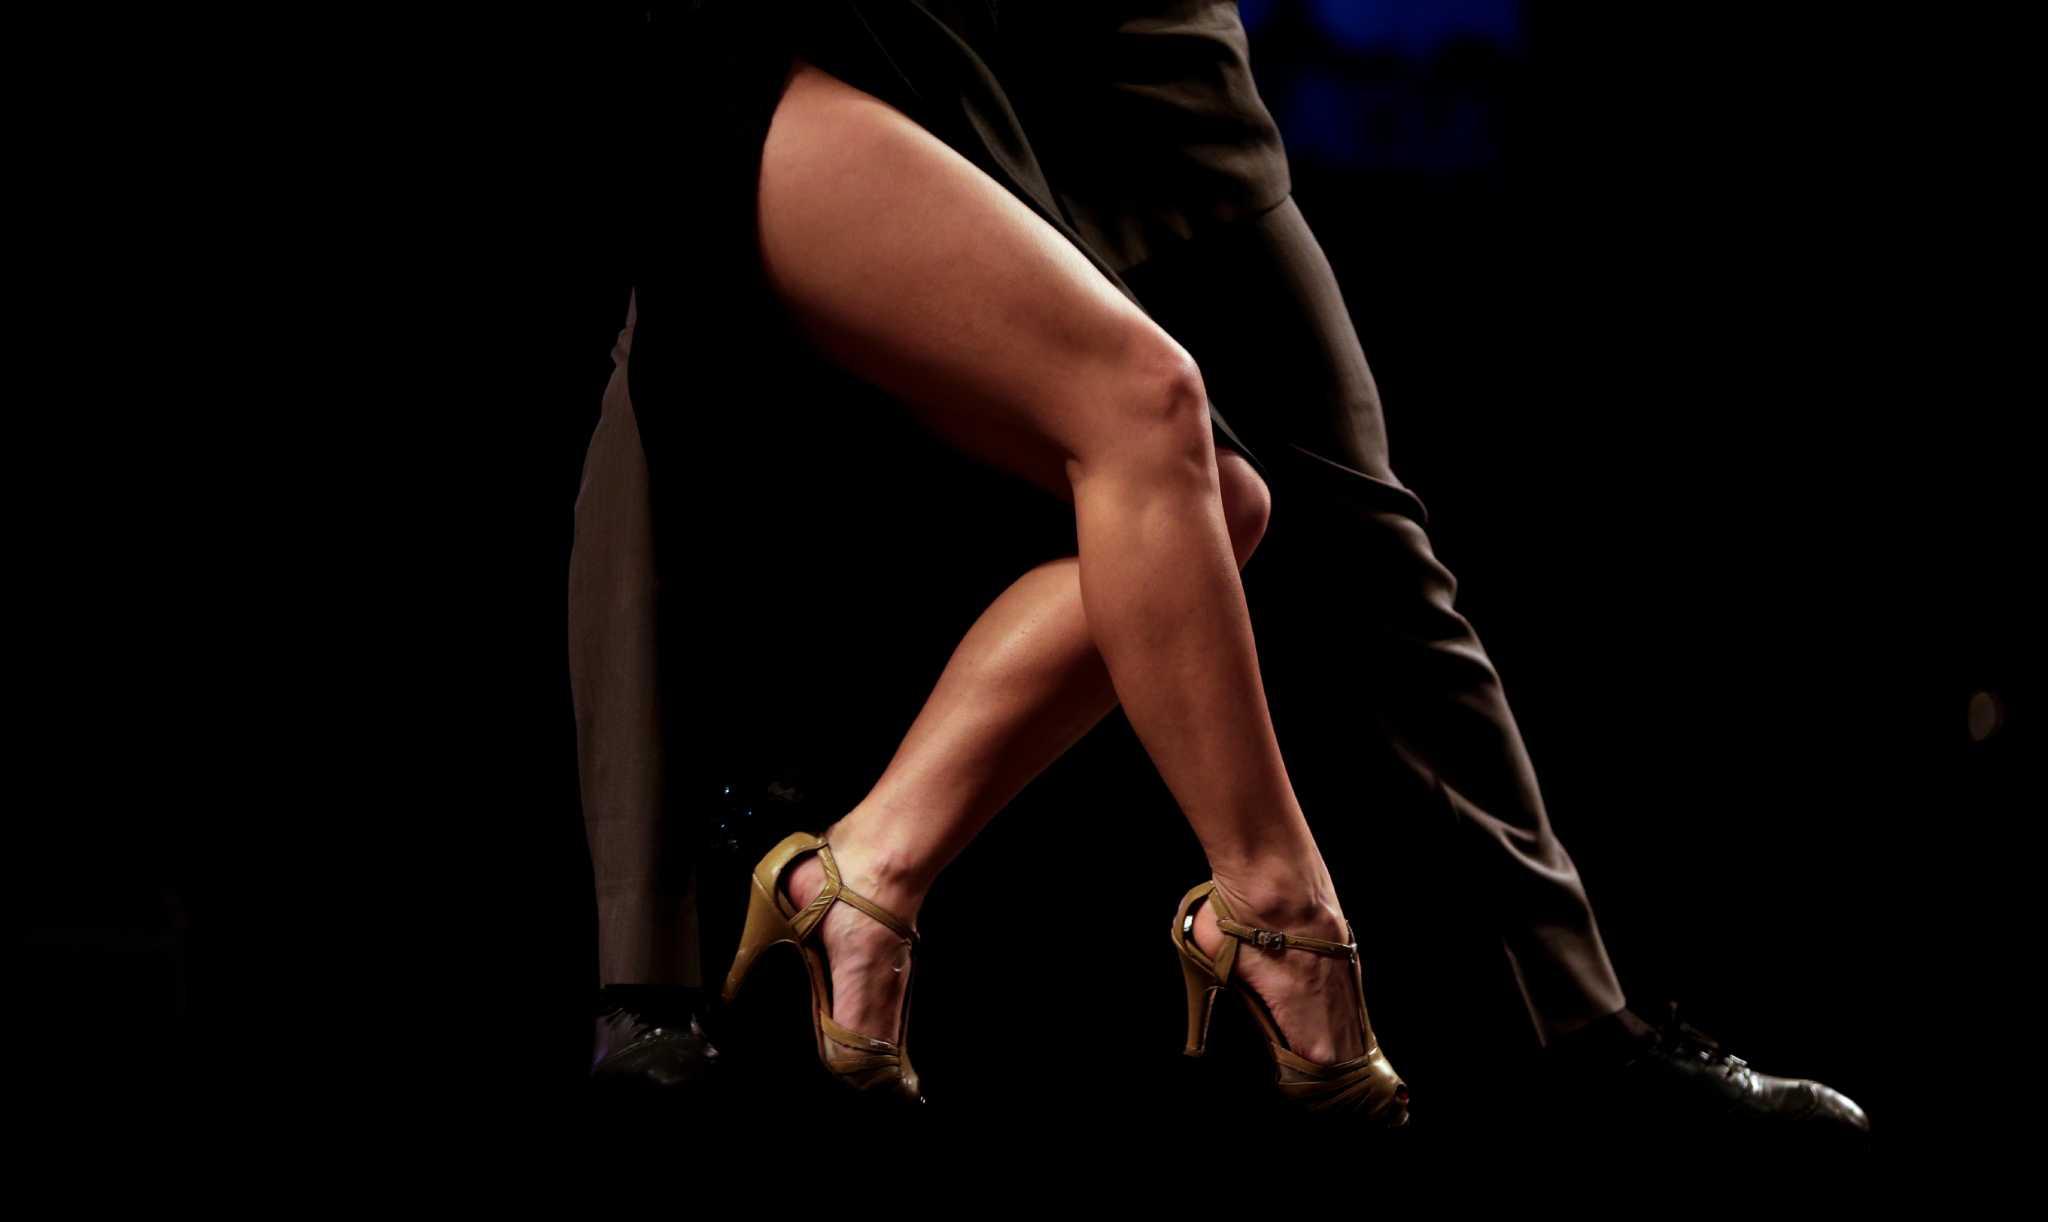 очень полезно распускал руки в танце прикасался к интимным местам большой